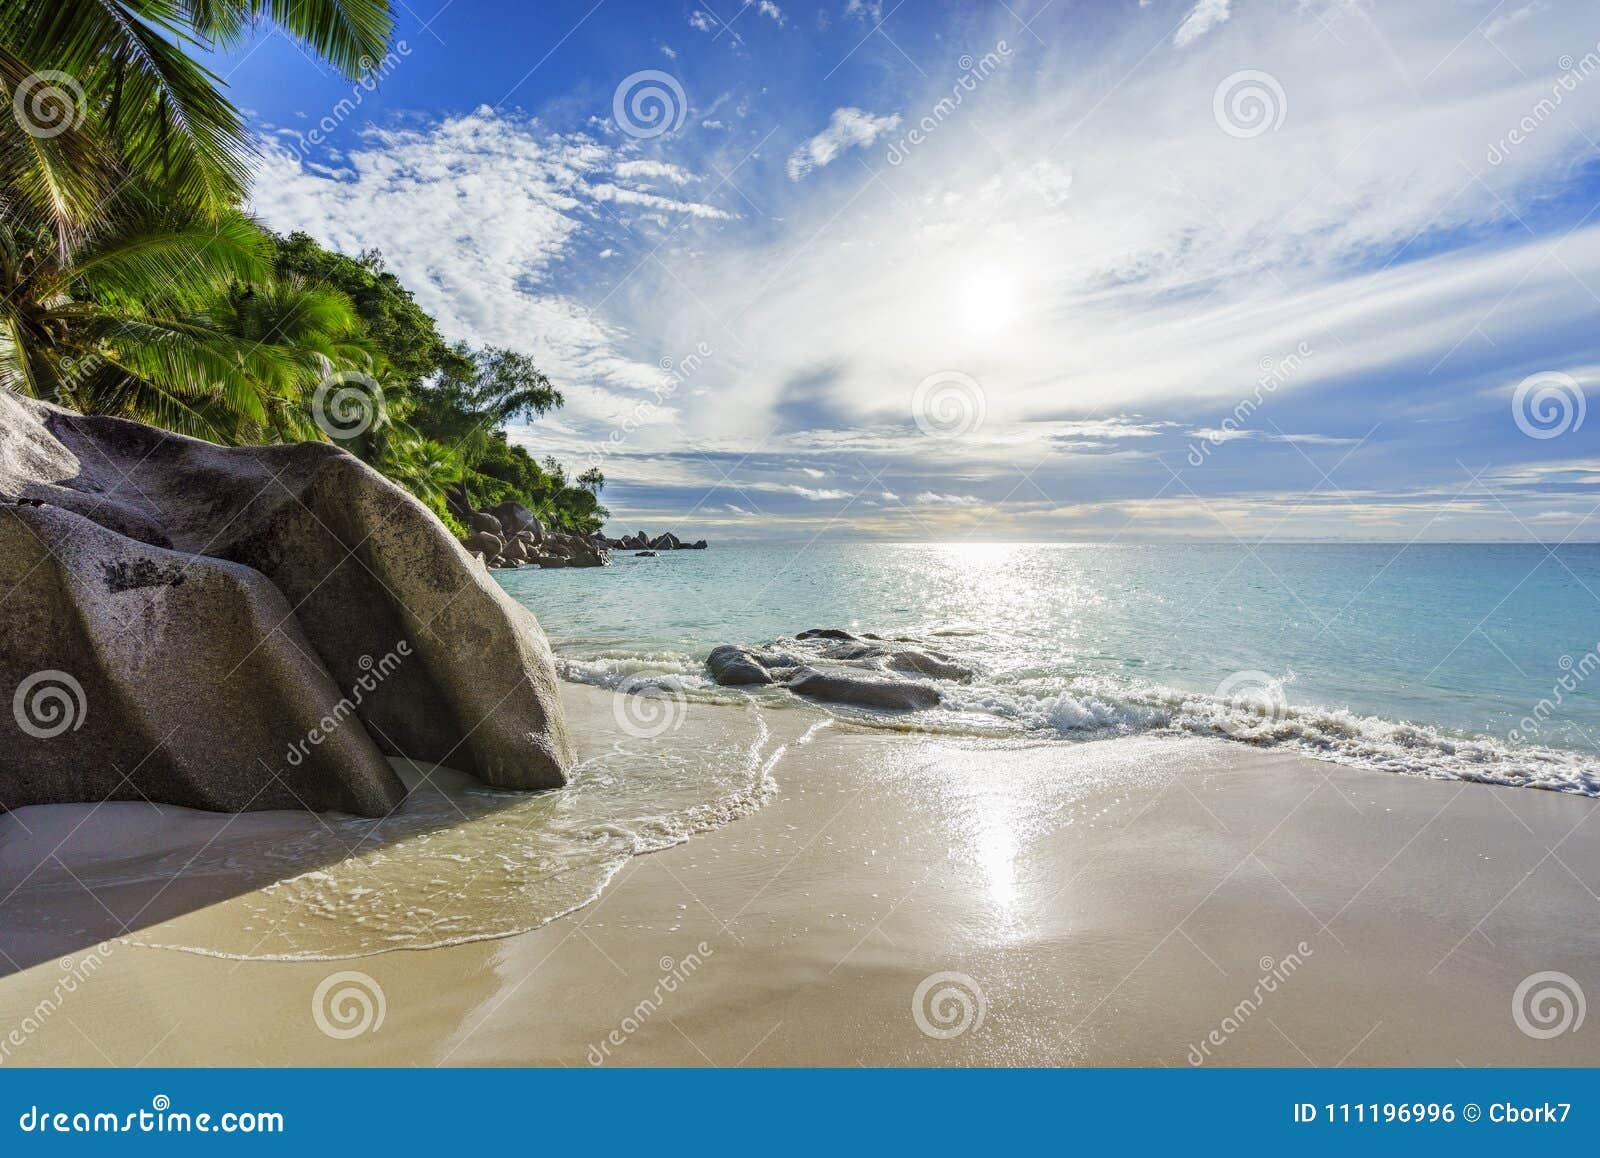 与岩石、棕榈树和绿松石wate的天堂热带海滩